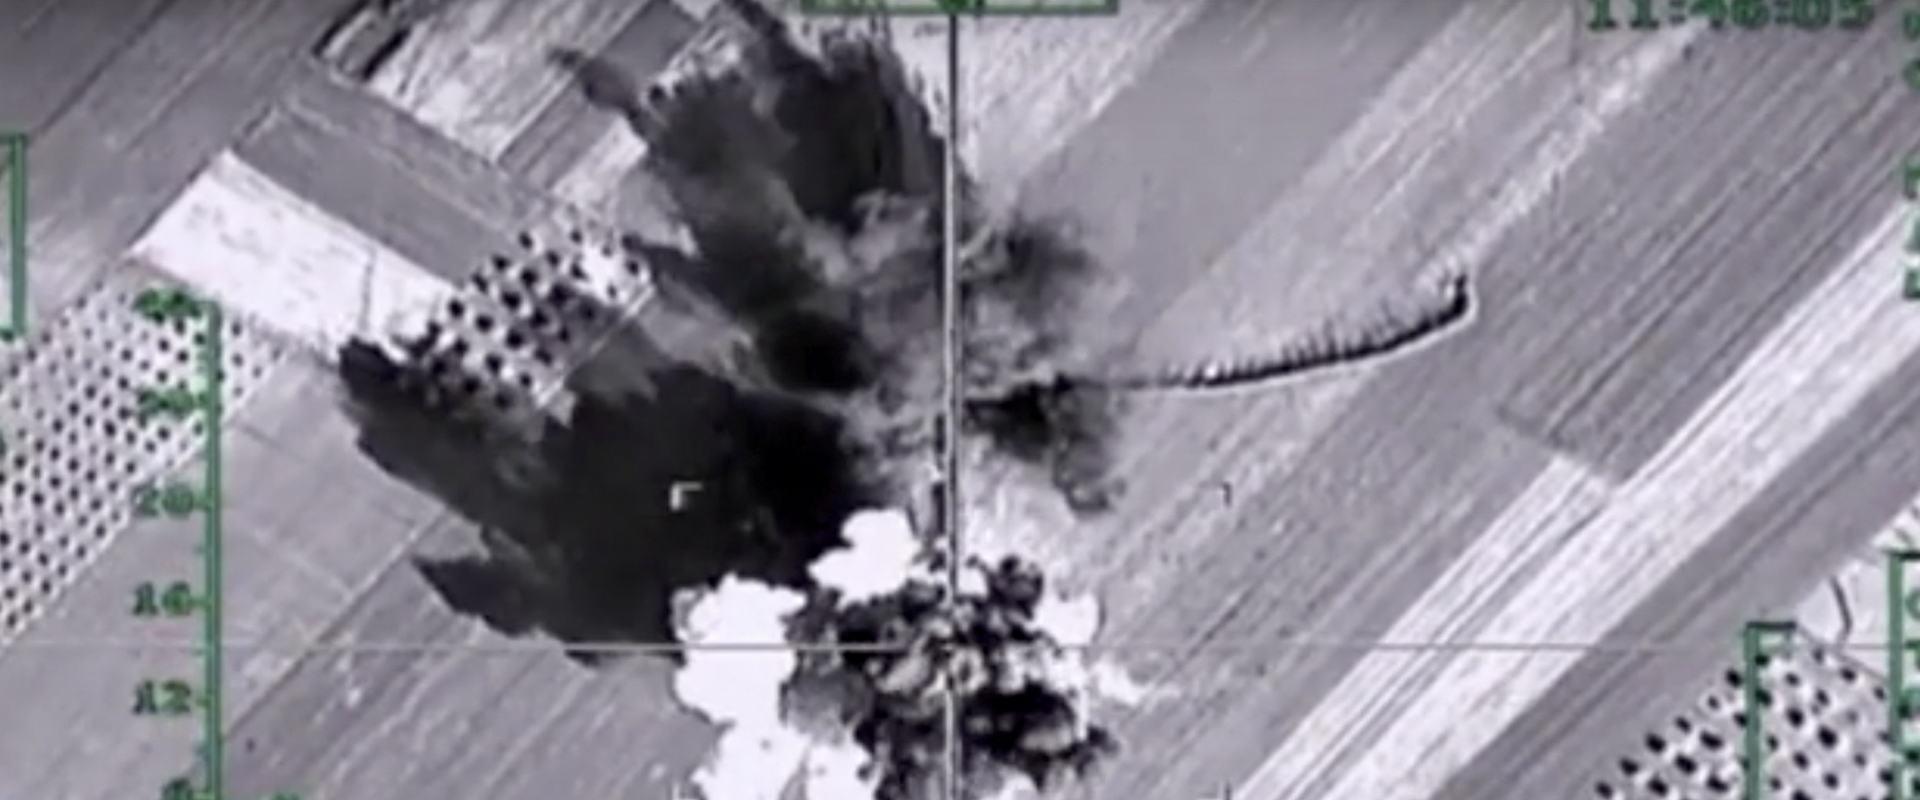 מטוסי חיל האוויר הרוסי בהתקפה על אנשי דאעש